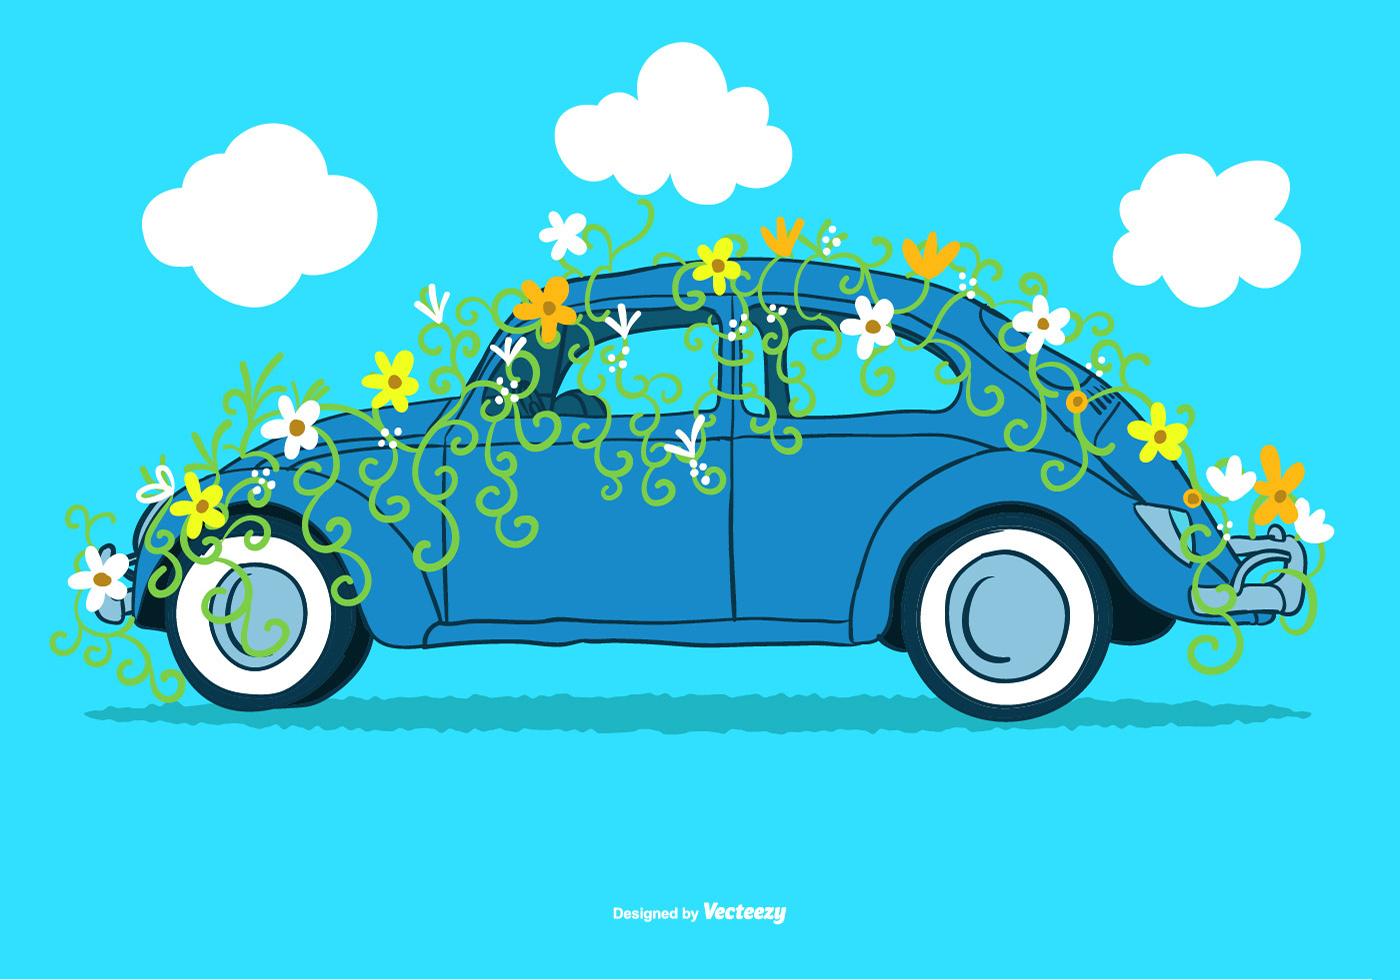 Flower Power VW Vector - Download Free Vector Art, Stock ...